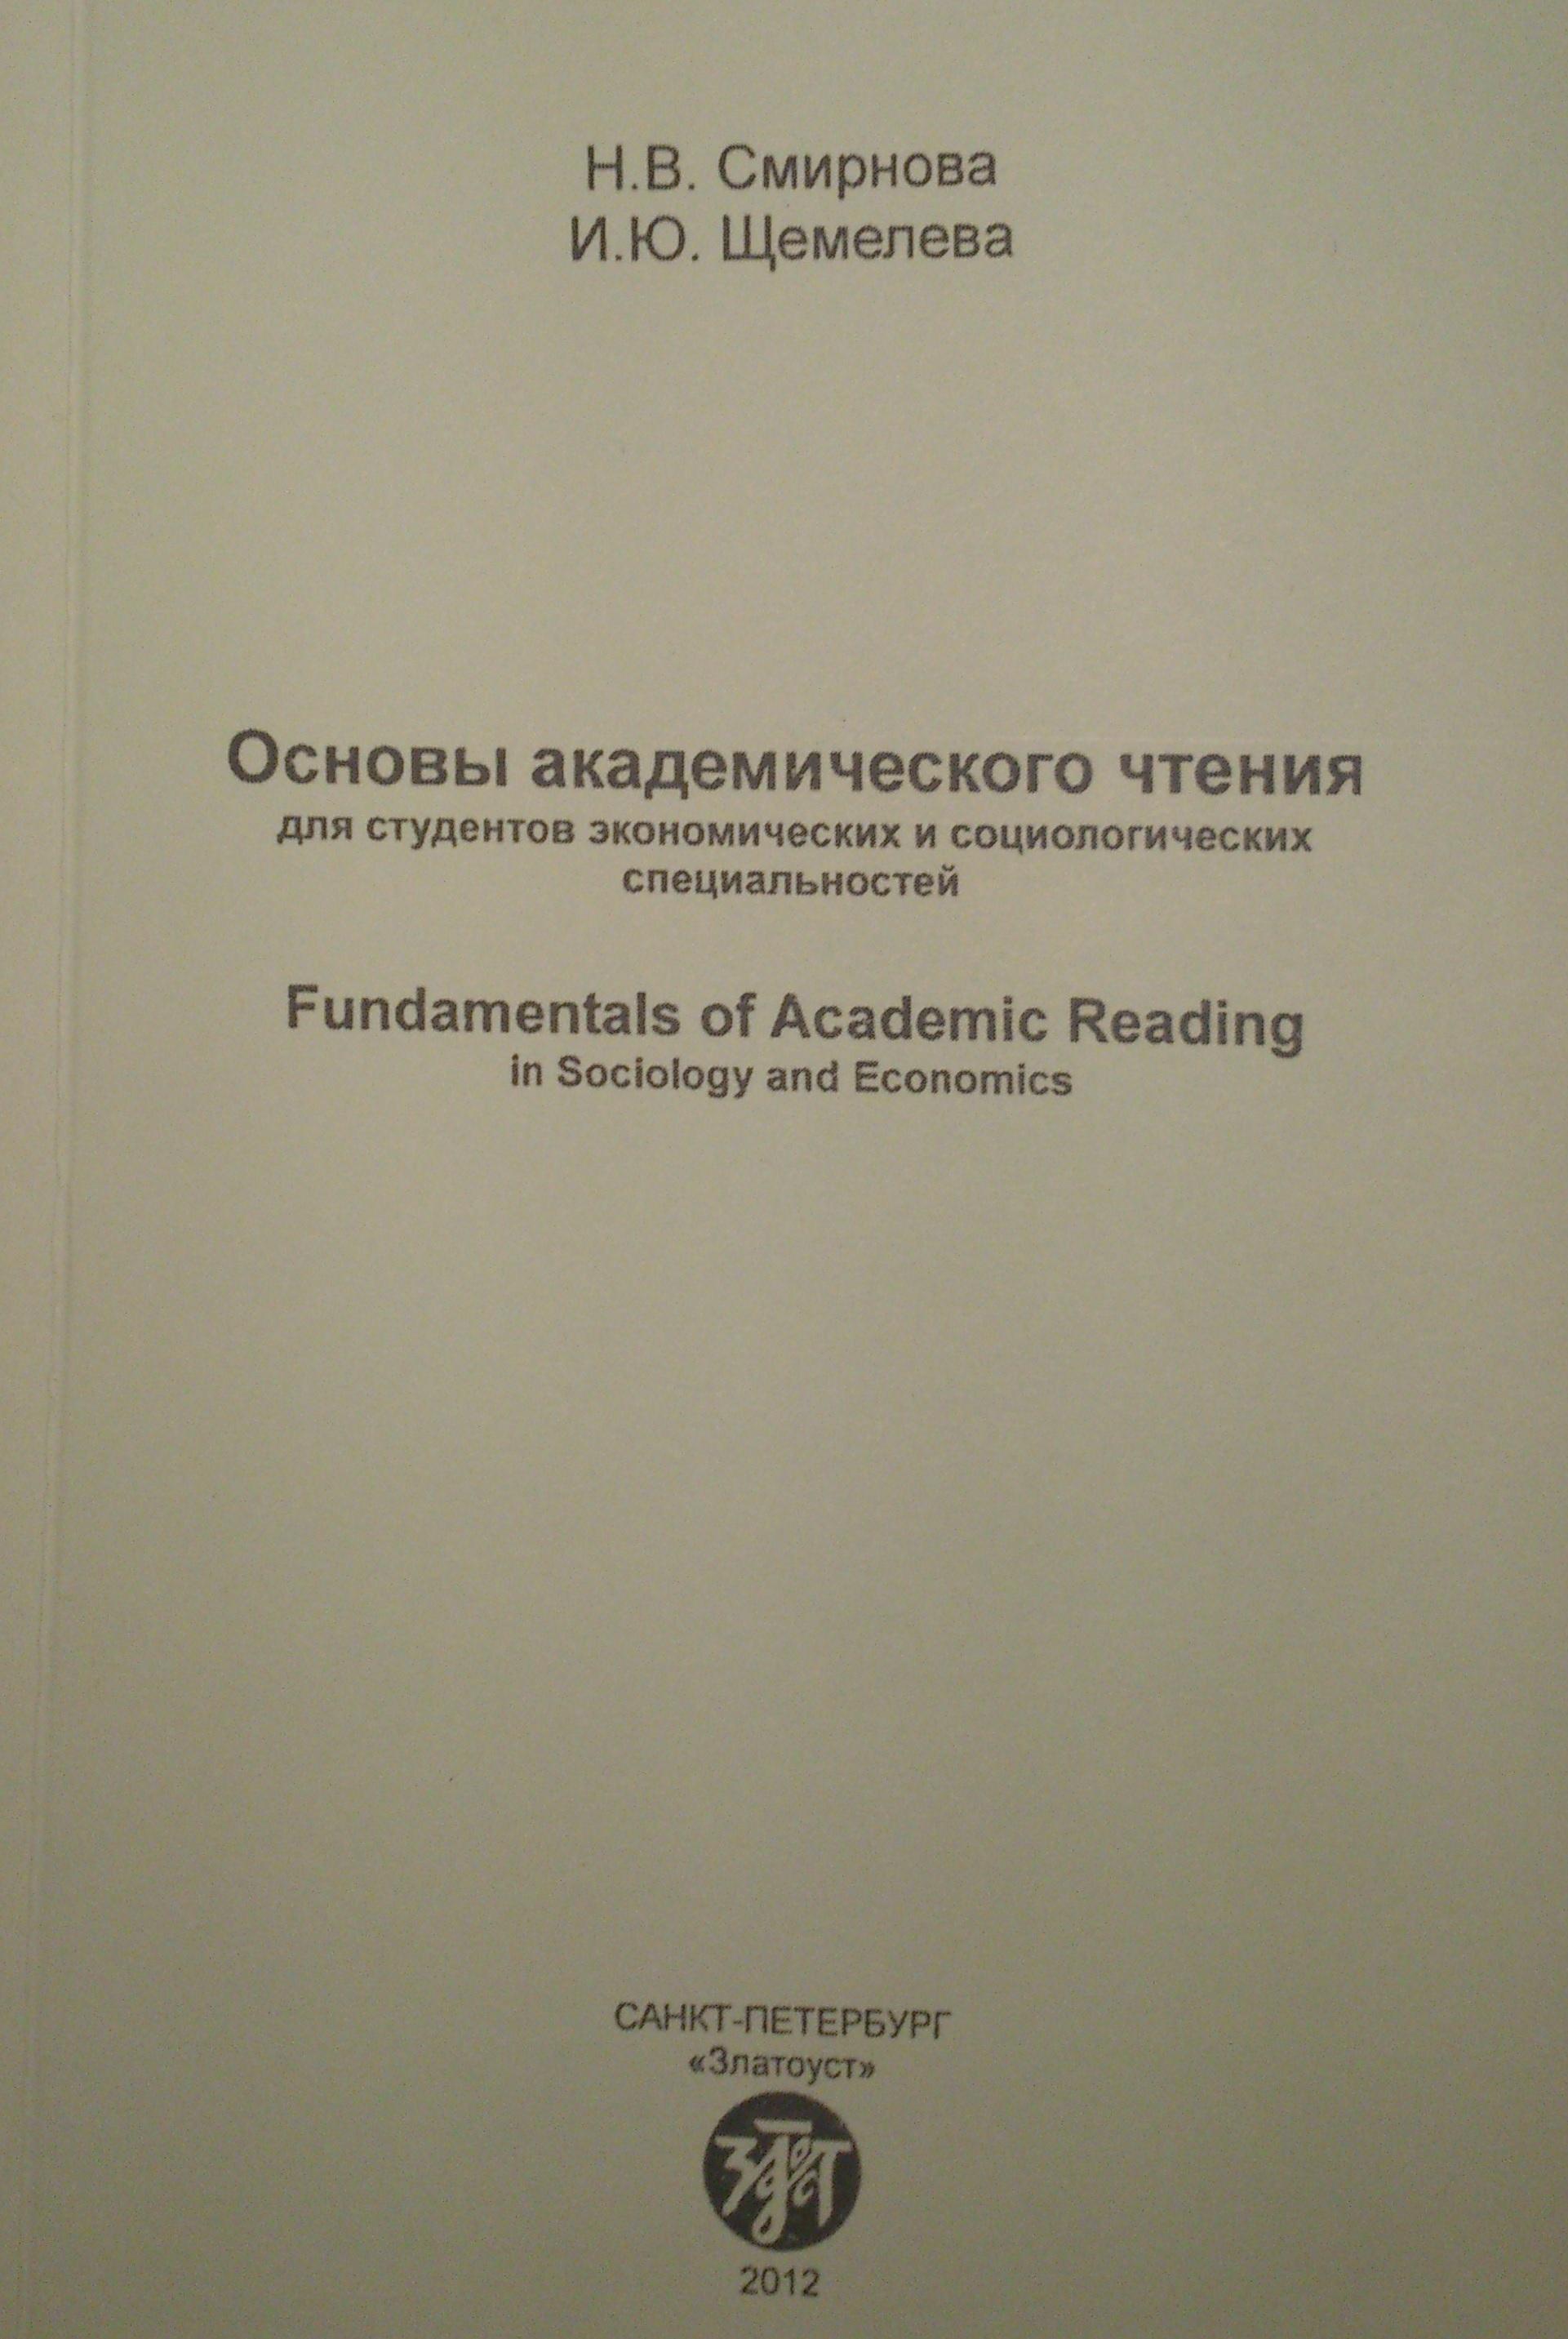 Основы академического чтения для студентов экономических и социологических специальностей (Fundamentals of Academic Reading in Sociology and Economics)